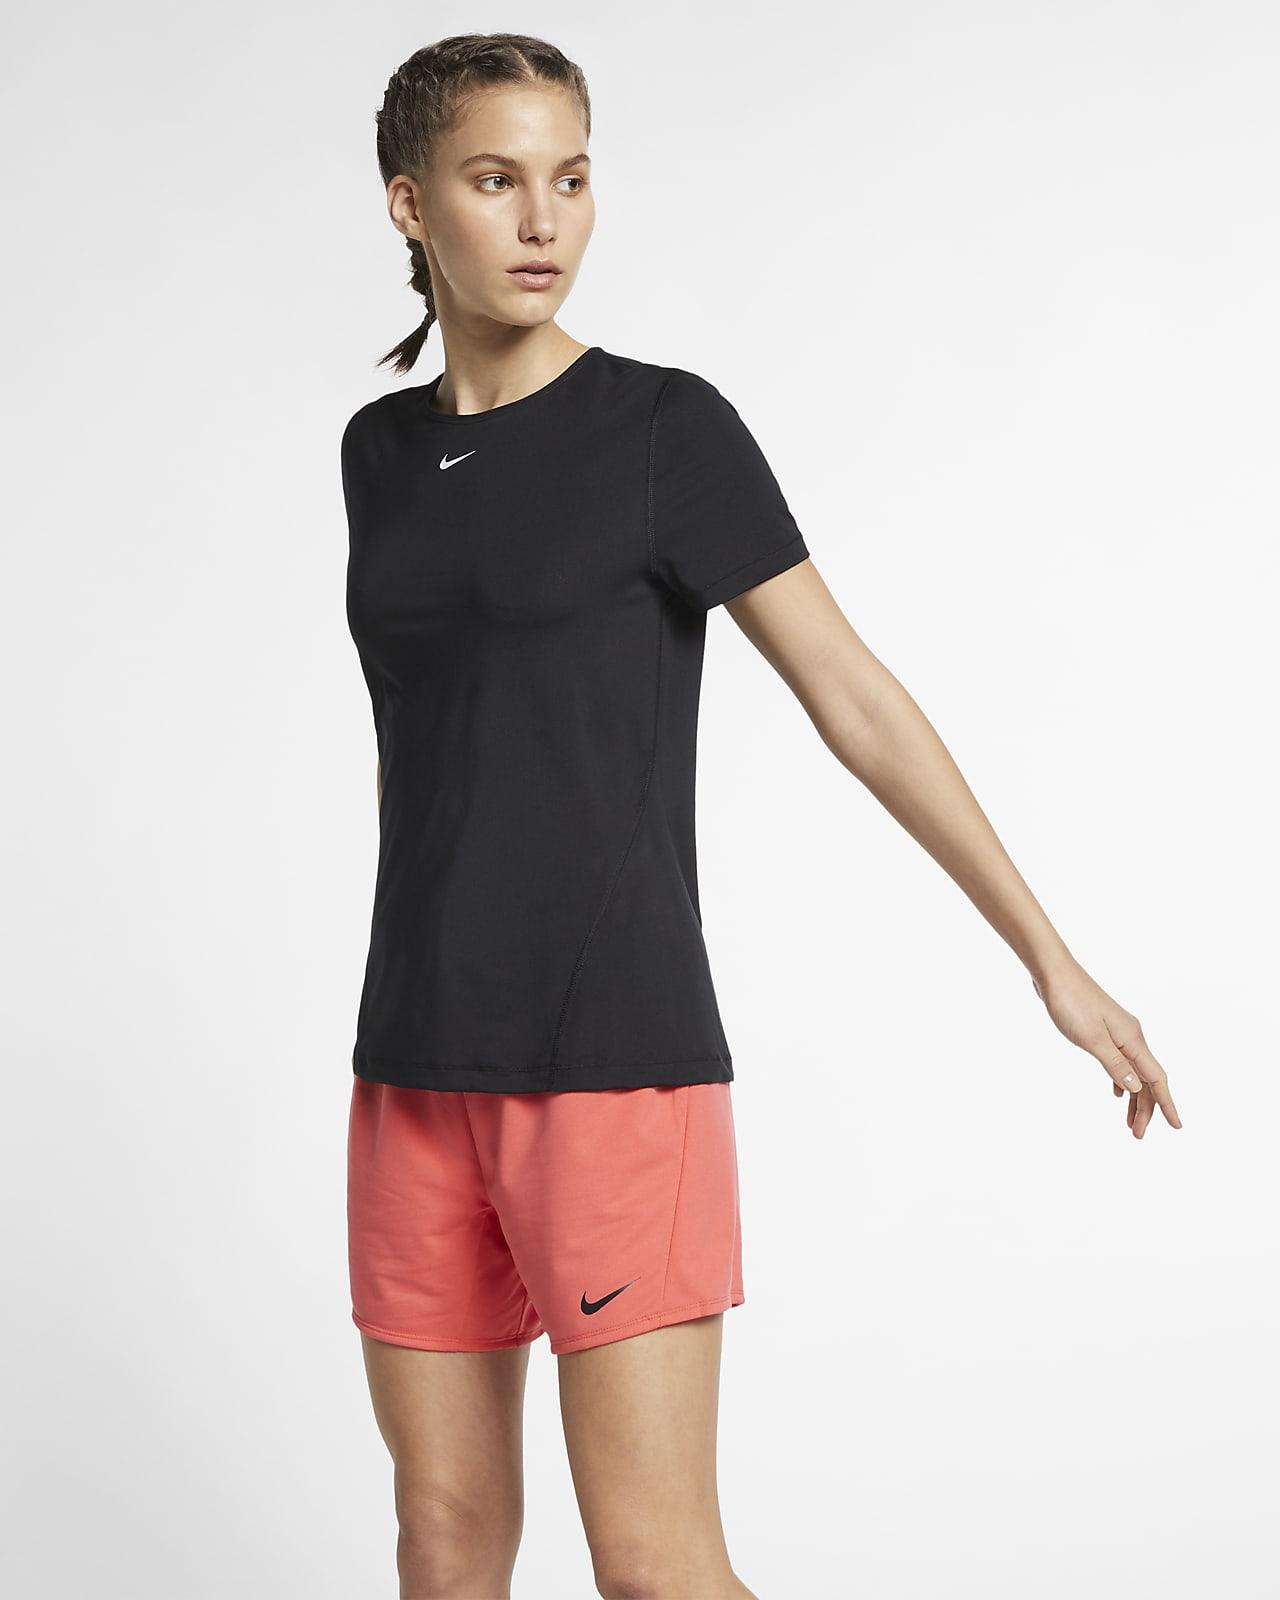 Camisola de treino de manga curta Nike Pro para mulher